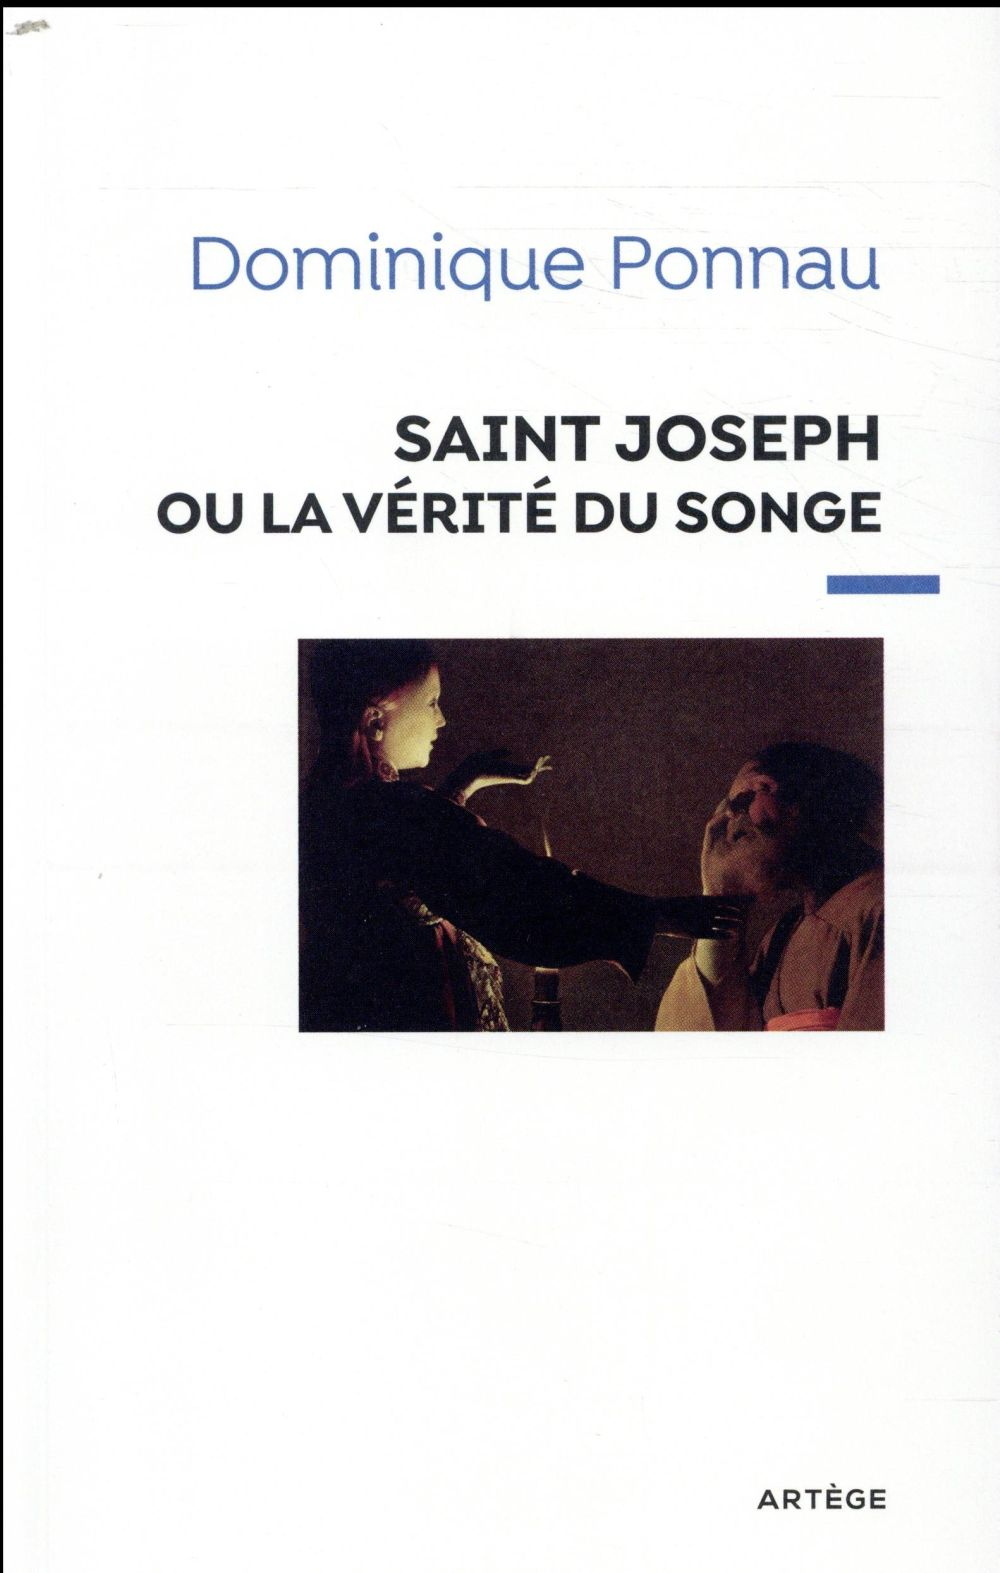 SAINT JOSEPH OU LA VERITE DU SONGE